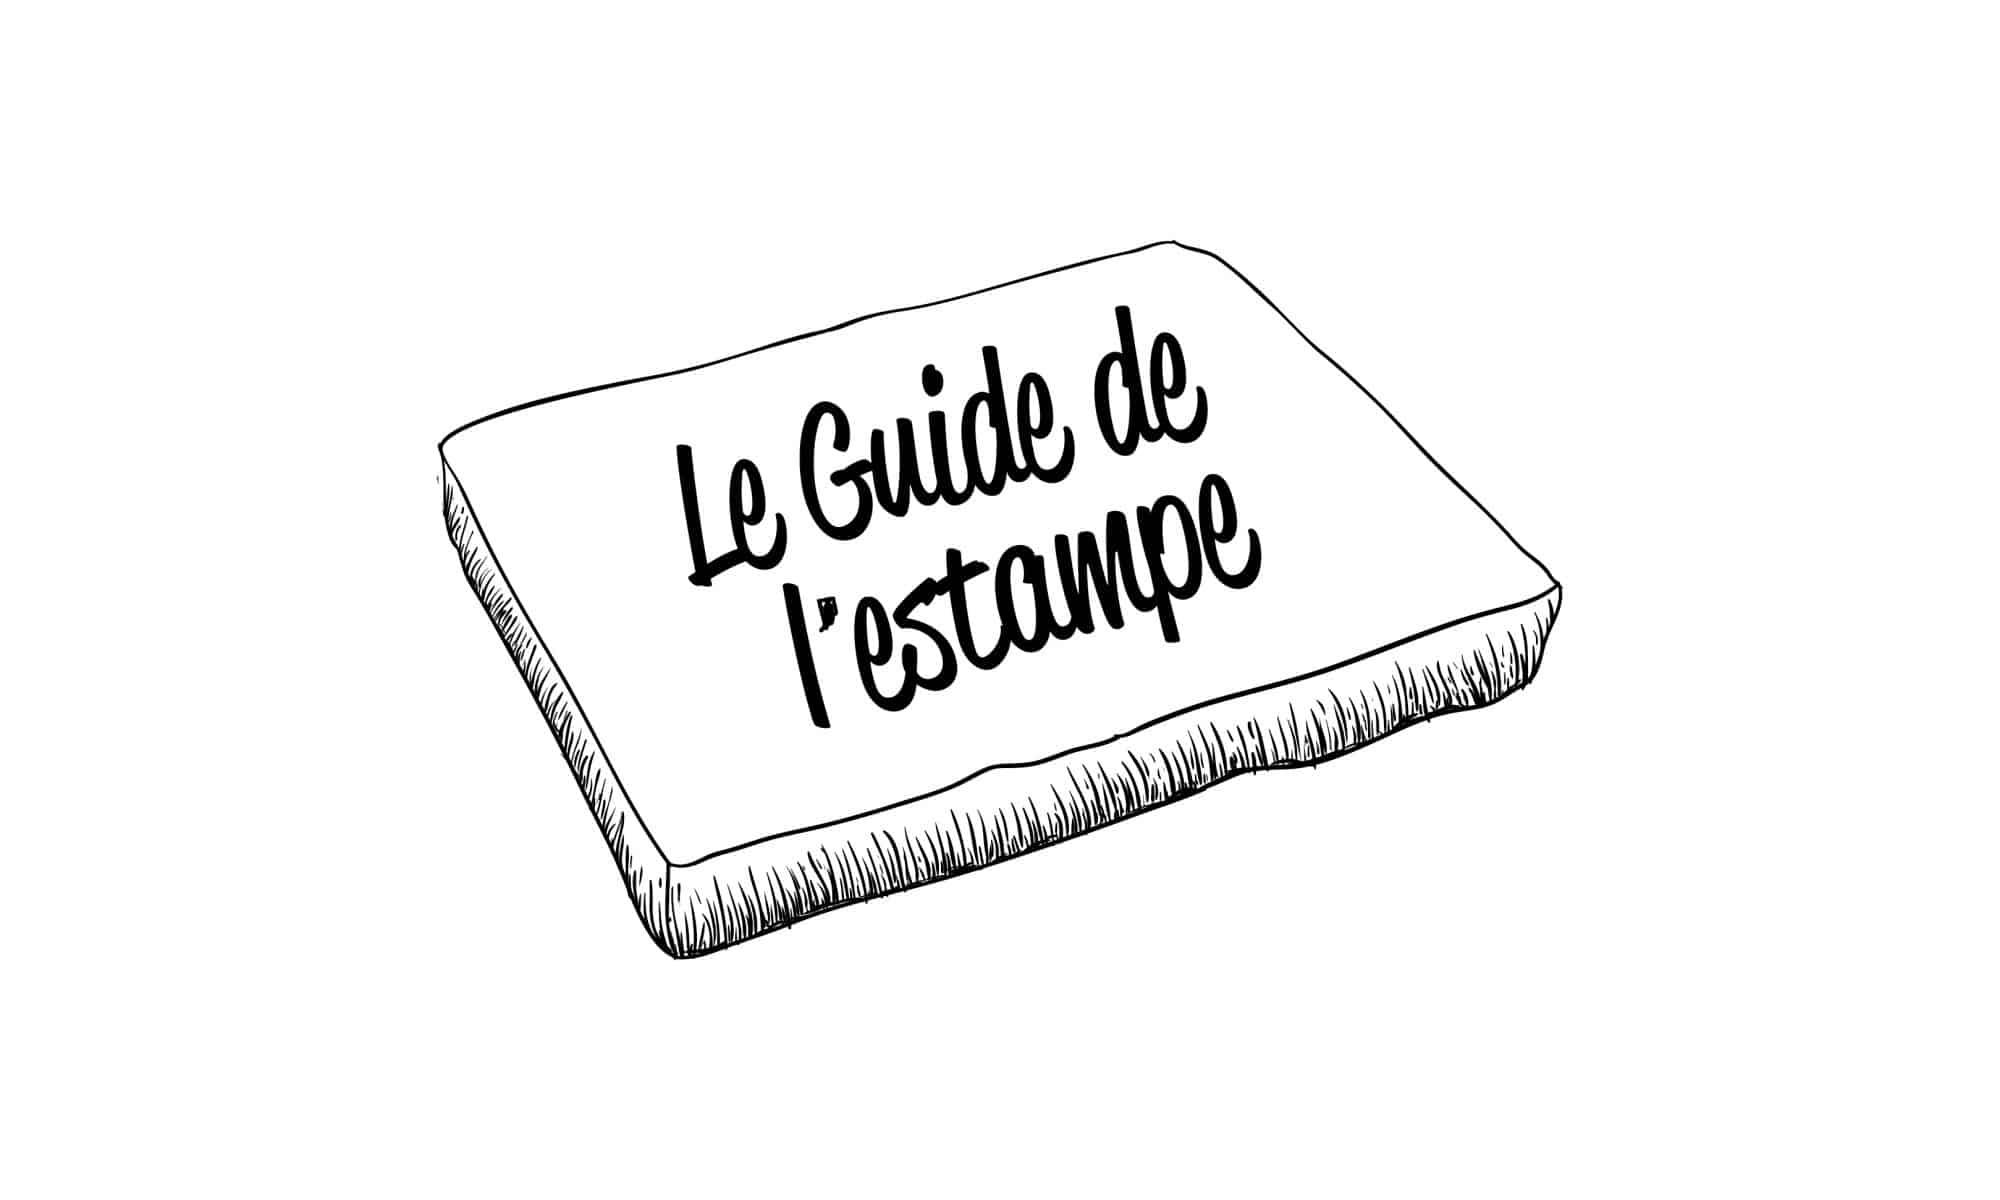 guide de l'estampe, lithographie, litho, lithographie, gravure sur bois, eau-fort, art plastique, musée, histoire de l'art, beaux-arts, peinture